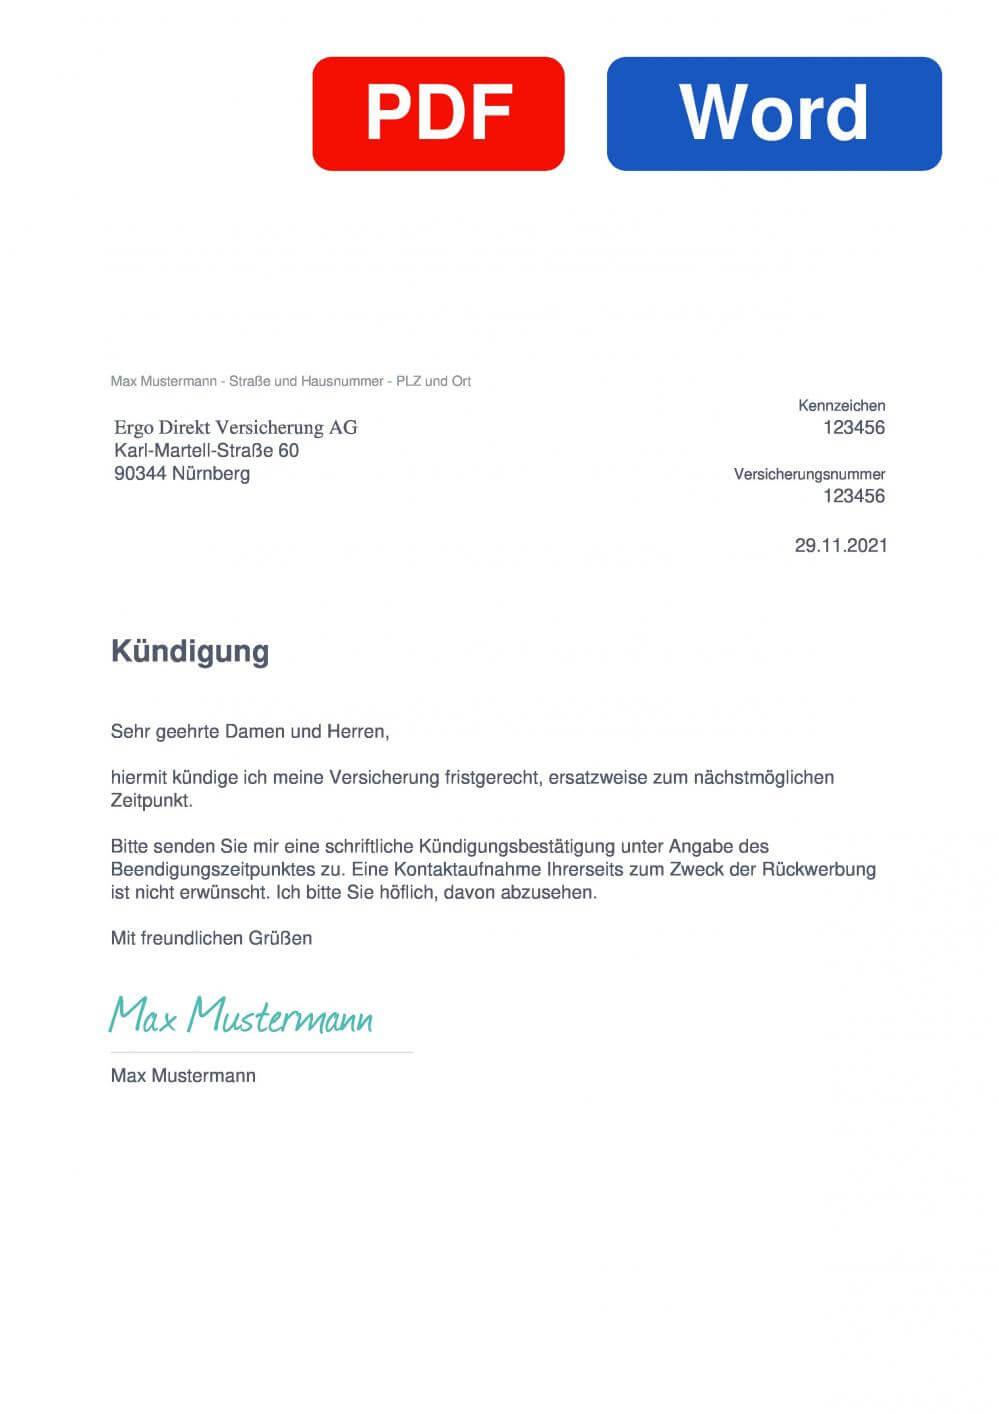 ERGO Direkt KFZ-Versicherung Muster Vorlage für Kündigungsschreiben